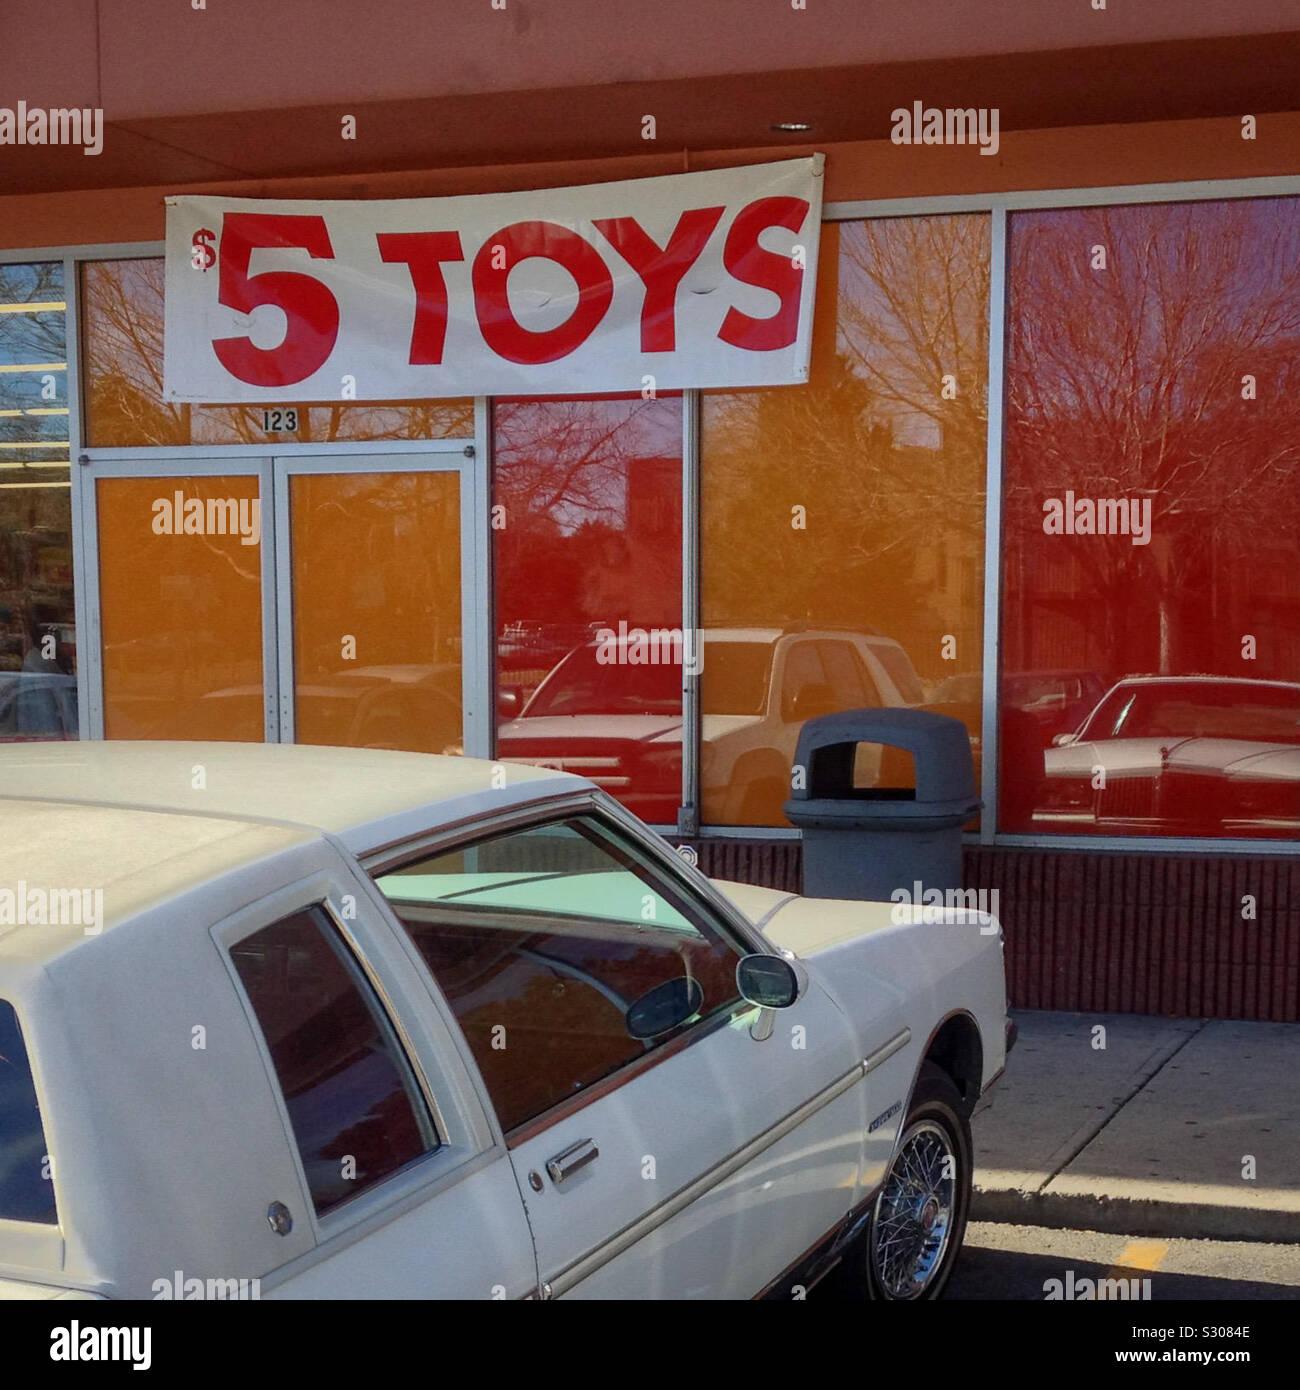 5 toys signe, Aurora, Colorado, USA. L'année 2013. Magasin de jouets bon marché. Banque D'Images